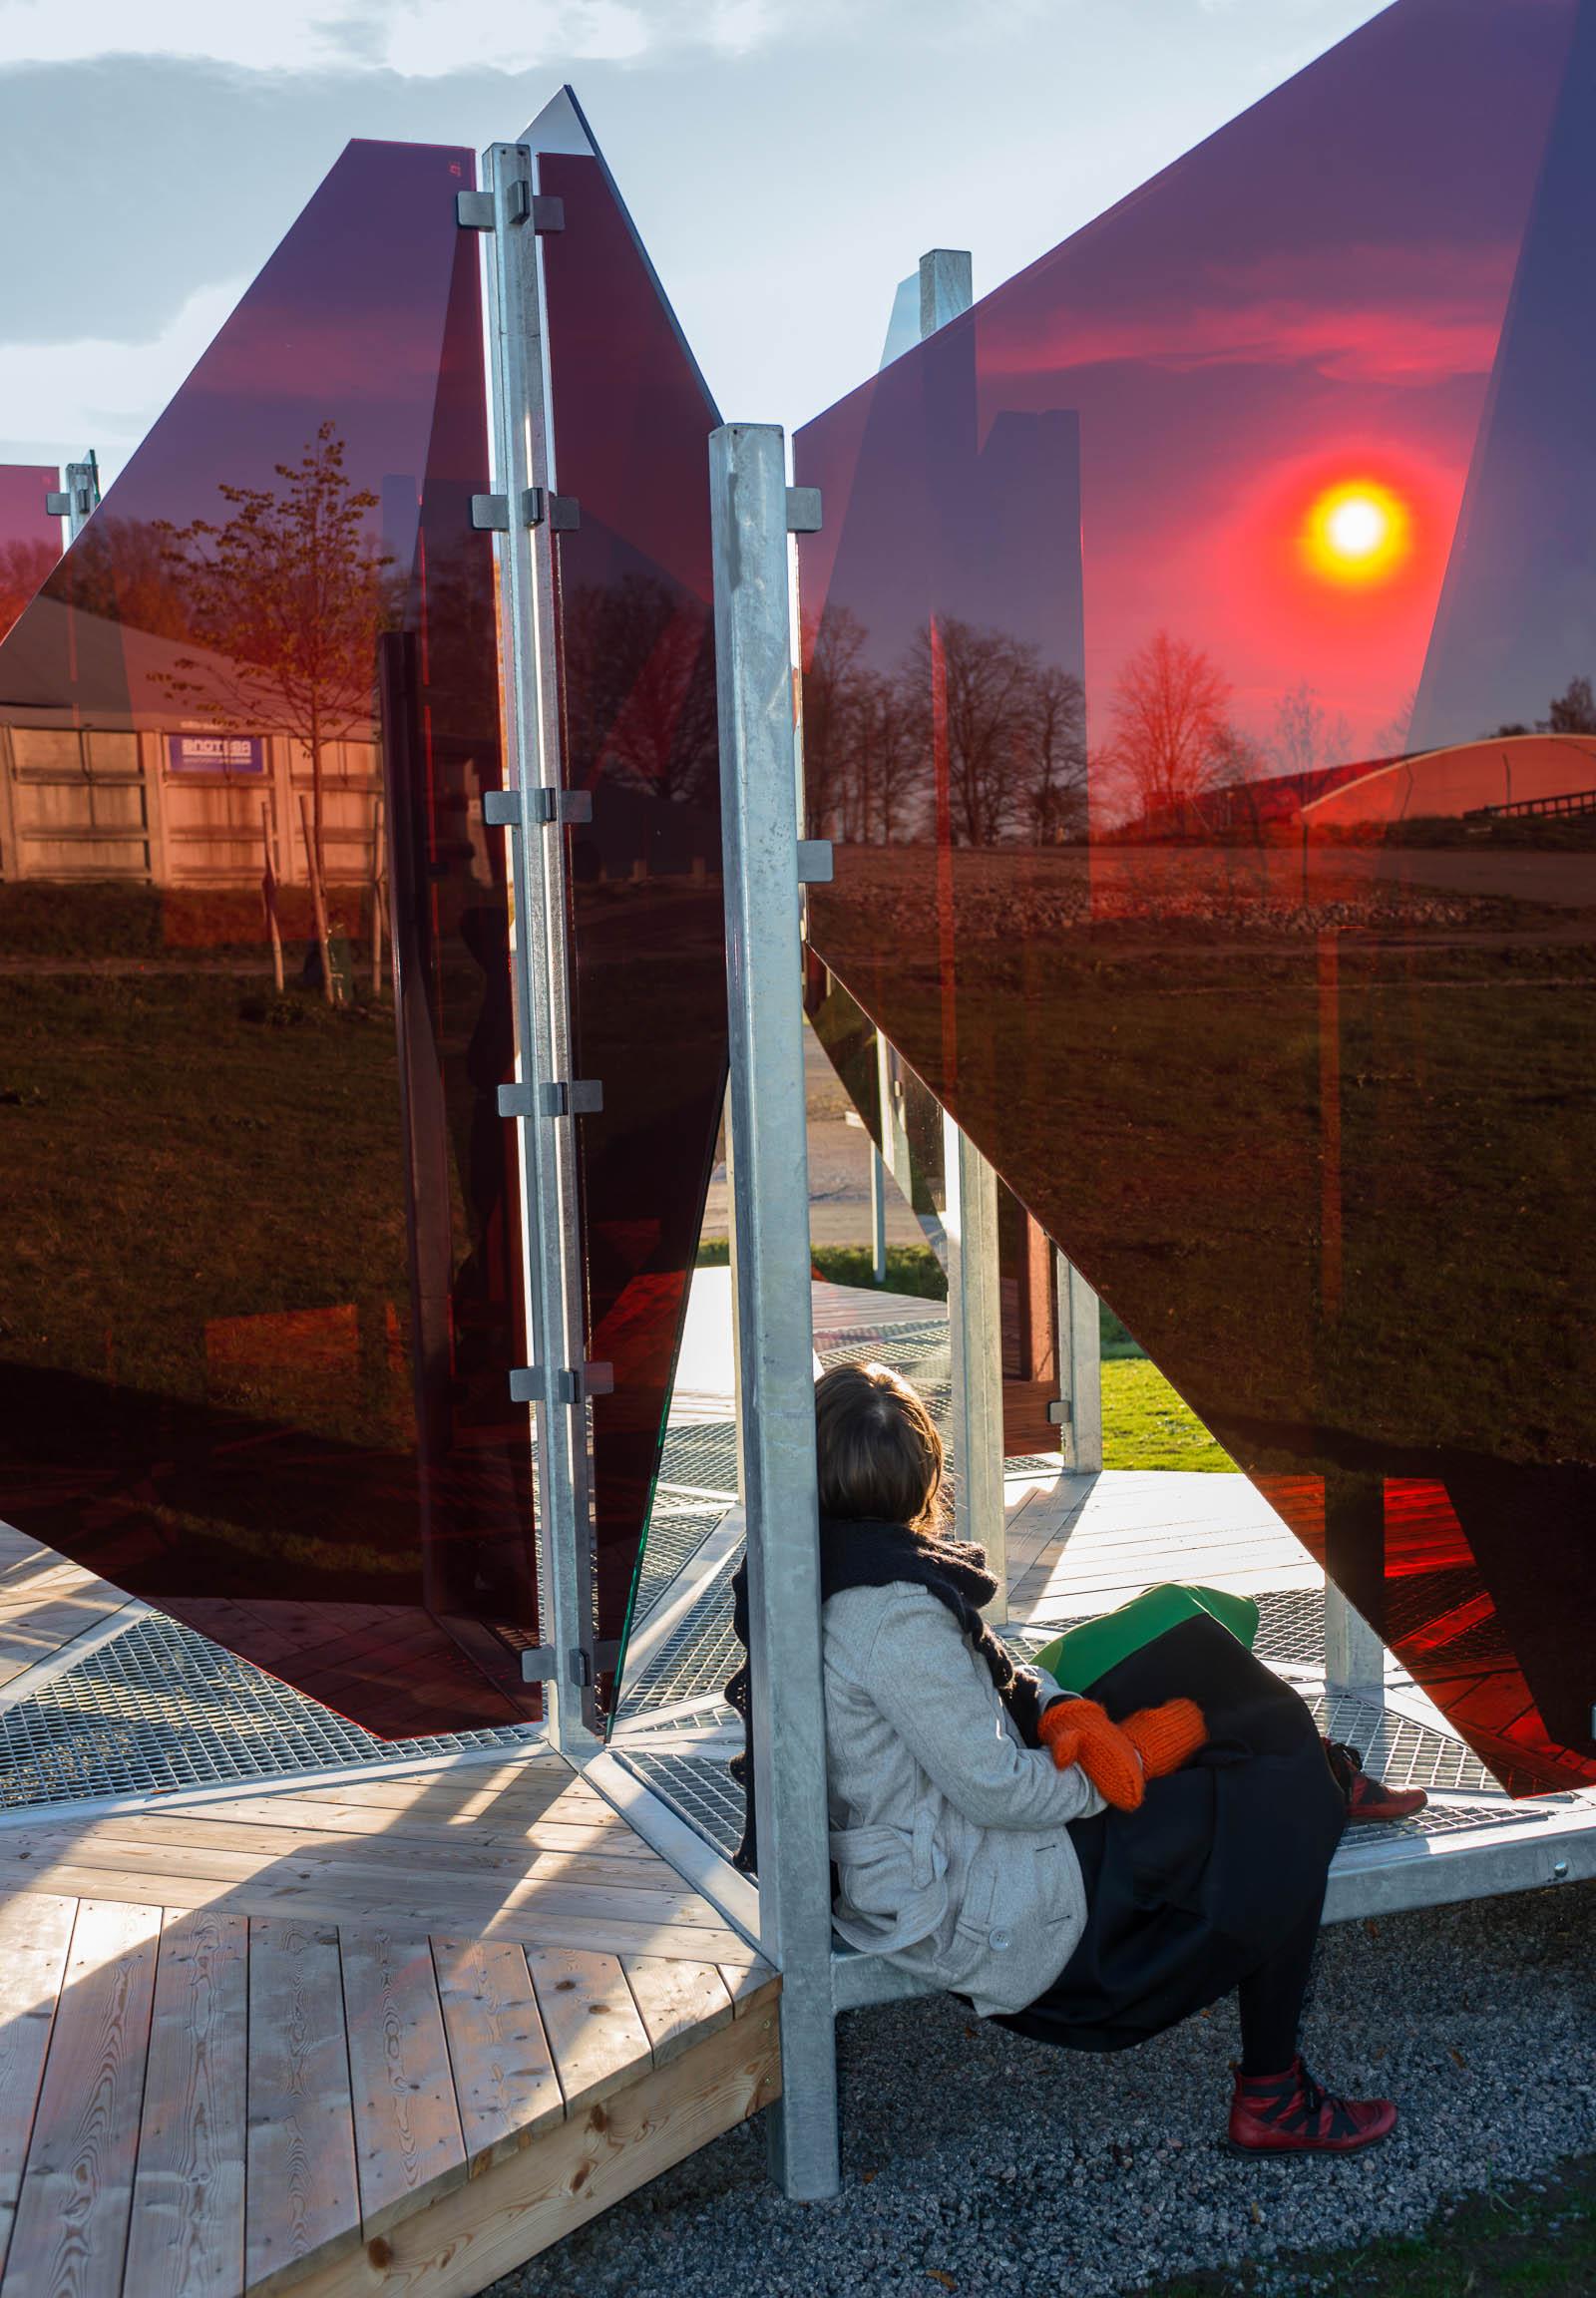 En kvinna sitter bortvänd på trägolvet mellan glasskivorna som speglar den sjunkande solen. Patrik Aarnivaara, Tidsglänta, 2013.